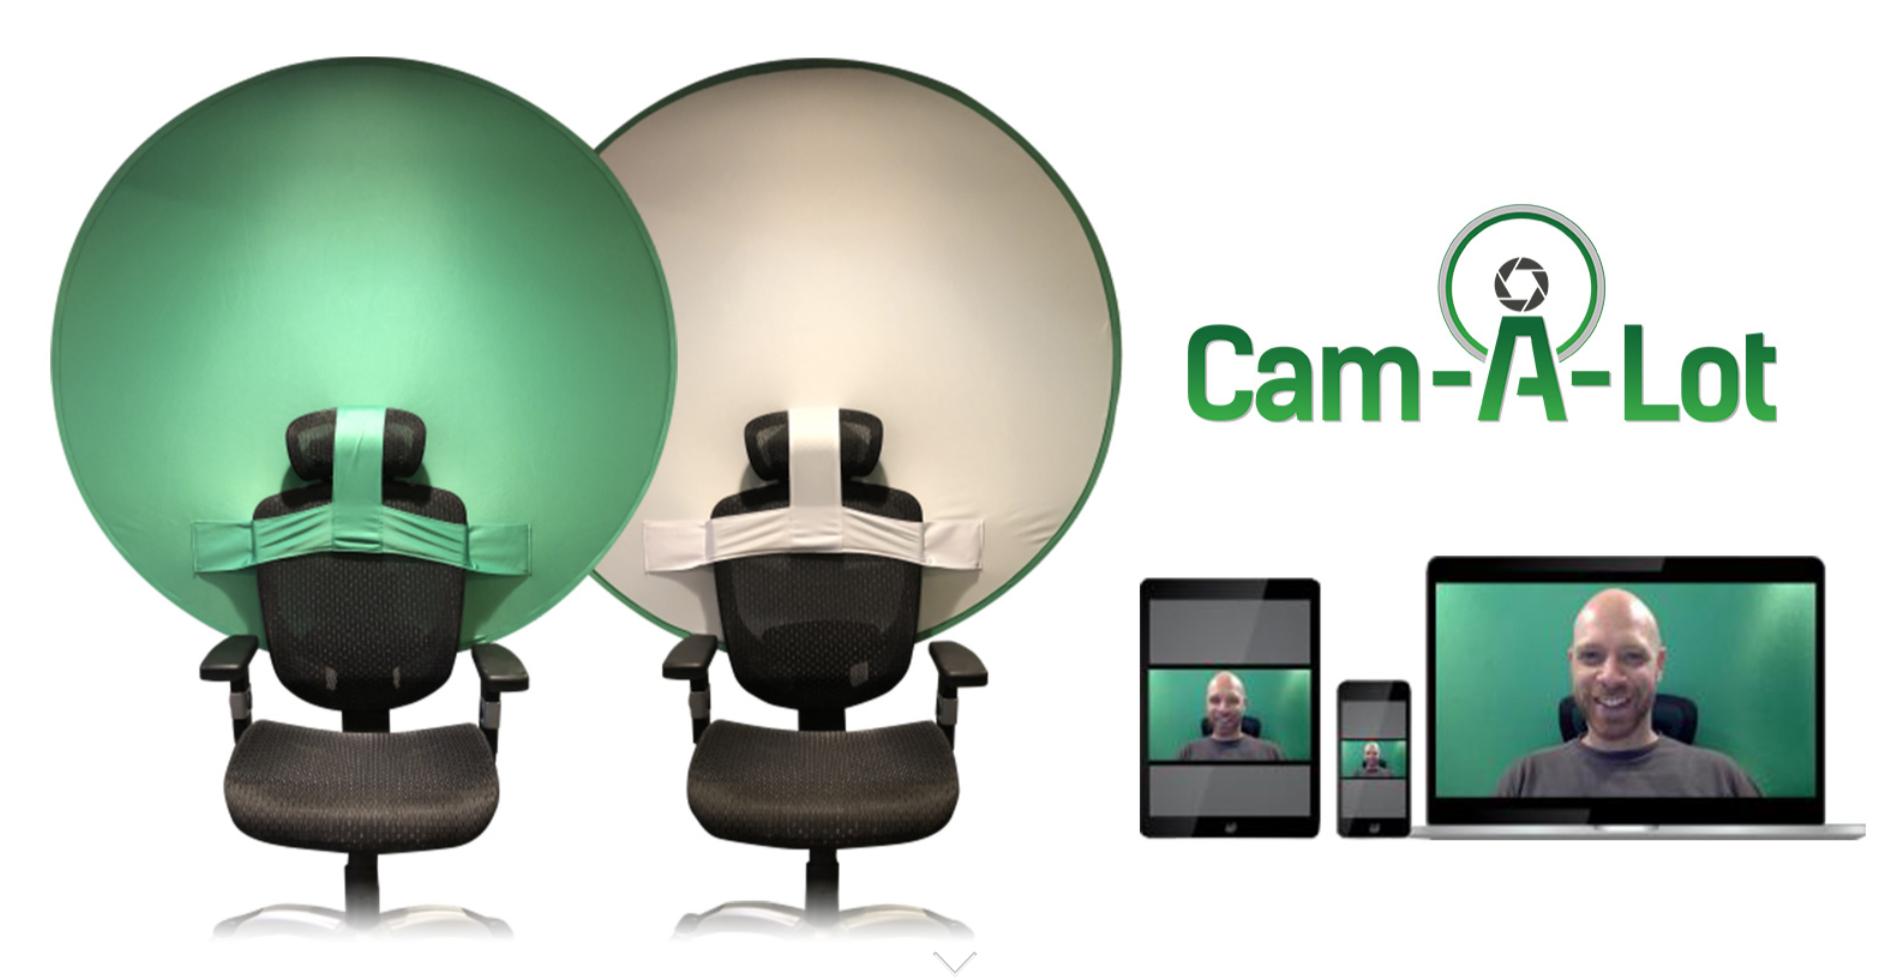 照片中提到了Cam-A-Lot,跟斯納普有關,包含了通訊、NLFX專業、麥克風、相機、B&H照片視頻-電子和相機店